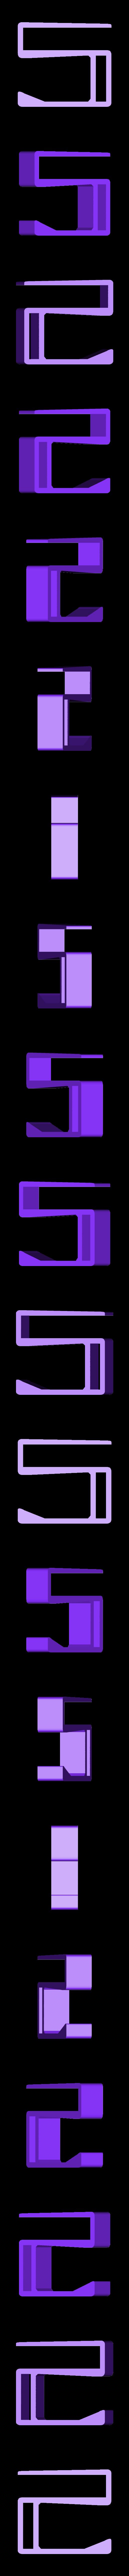 headphone.stl Télécharger fichier STL gratuit Crochet pour casque d'écoute - 17,1 MM • Modèle à imprimer en 3D, Bakefy